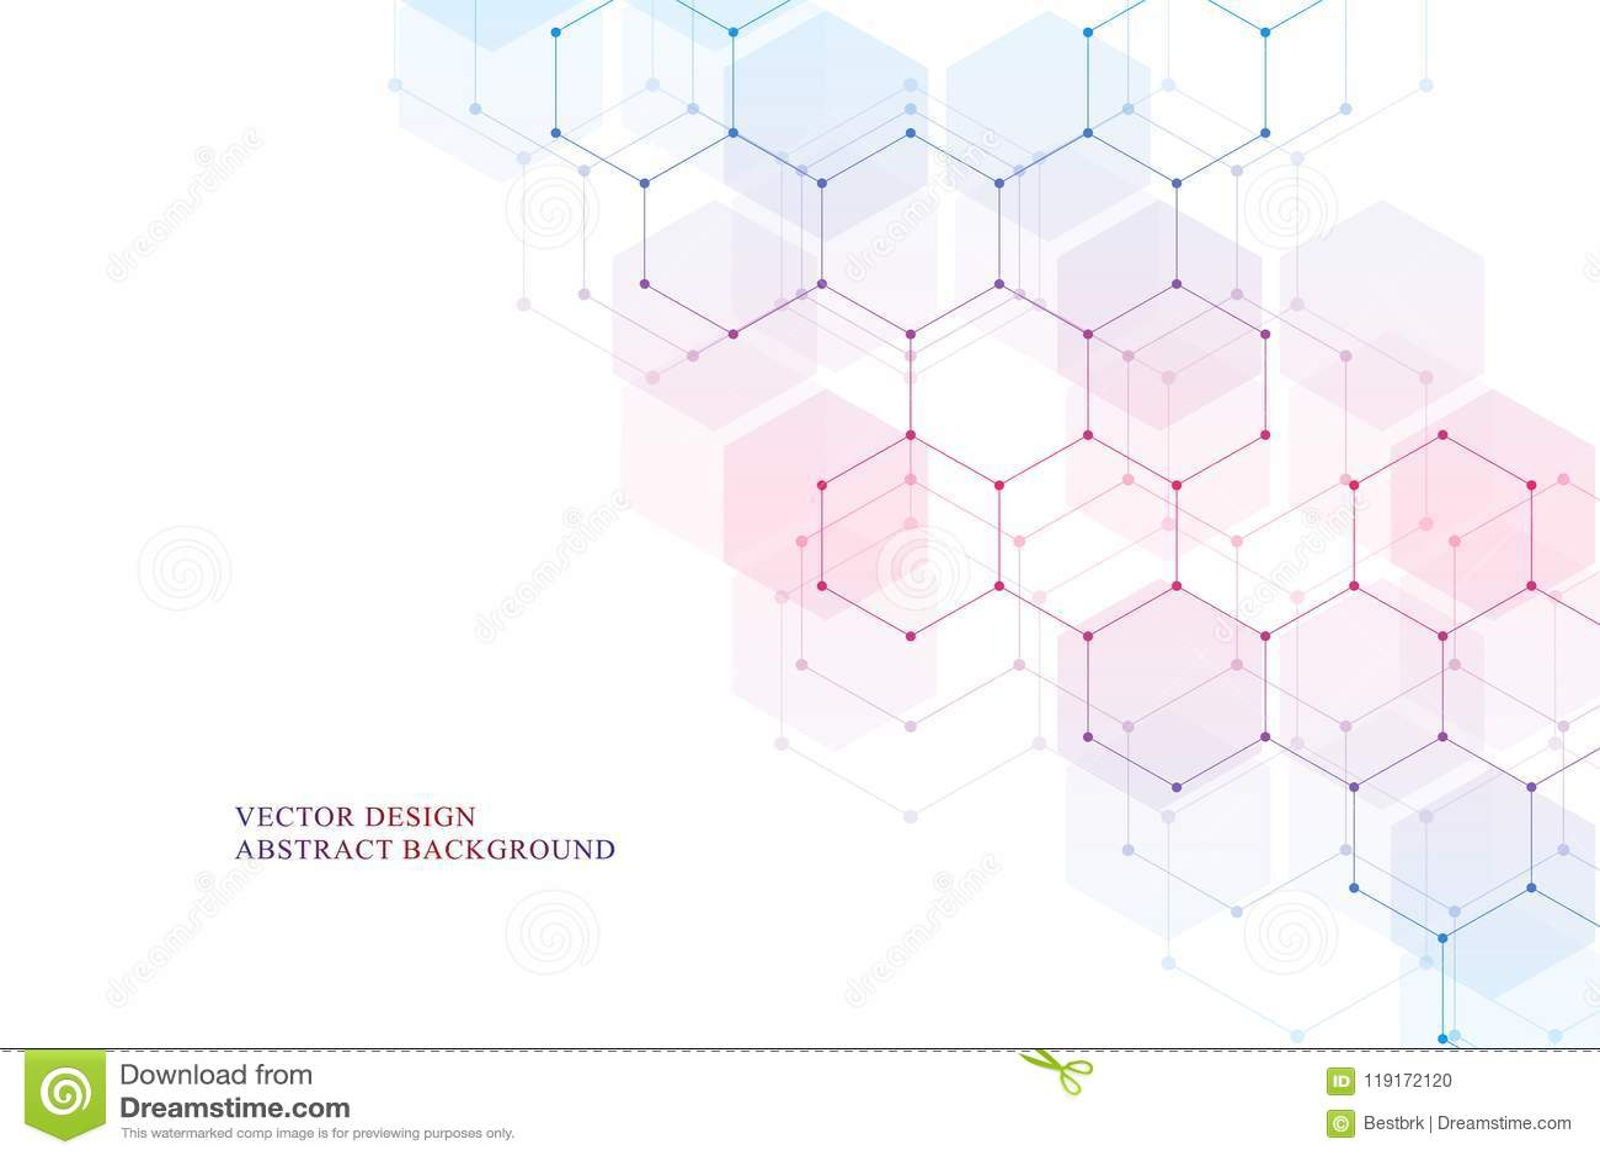 Den sexhörniga molekylära strukturen för läkarundersökning, vetenskap och digital teknologi planlägger Abstrakt geometrisk vektor